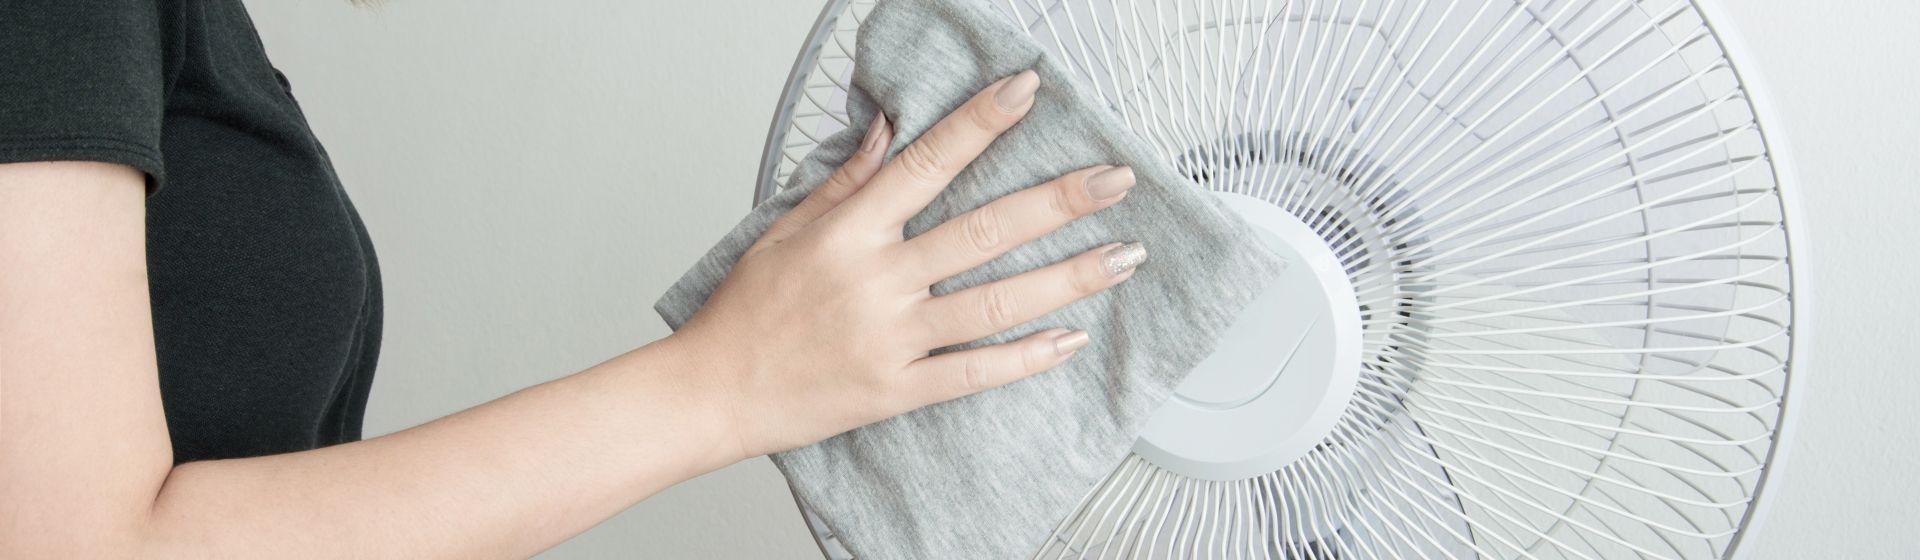 Como limpar ventilador com saco plástico? Descubra se o truque funciona